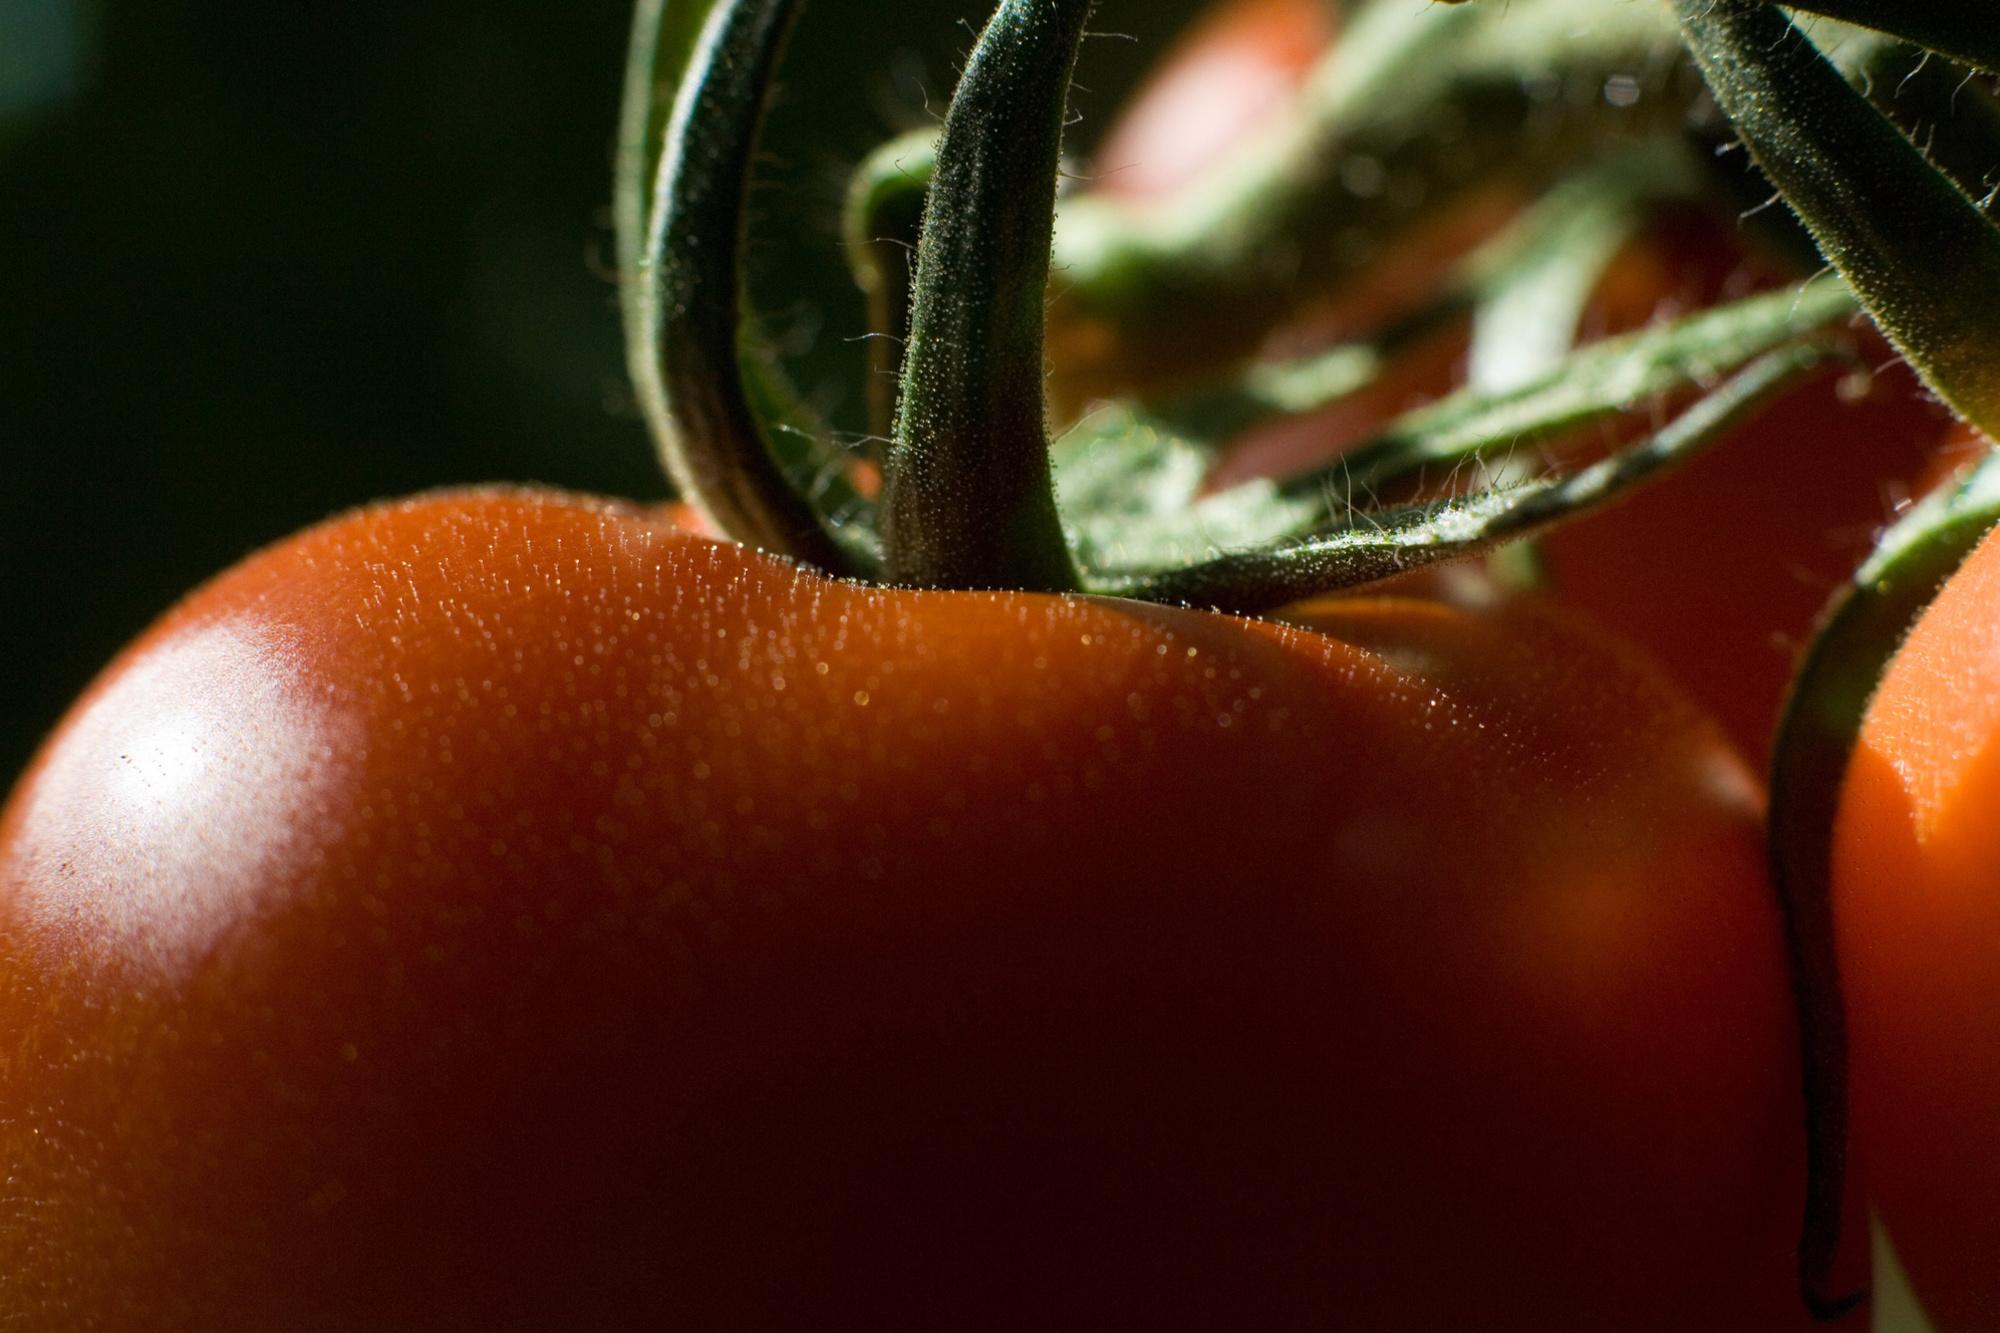 'Tomatenconcentraat is het toegankelijkste industriële product van het kapitalisme.', Getty